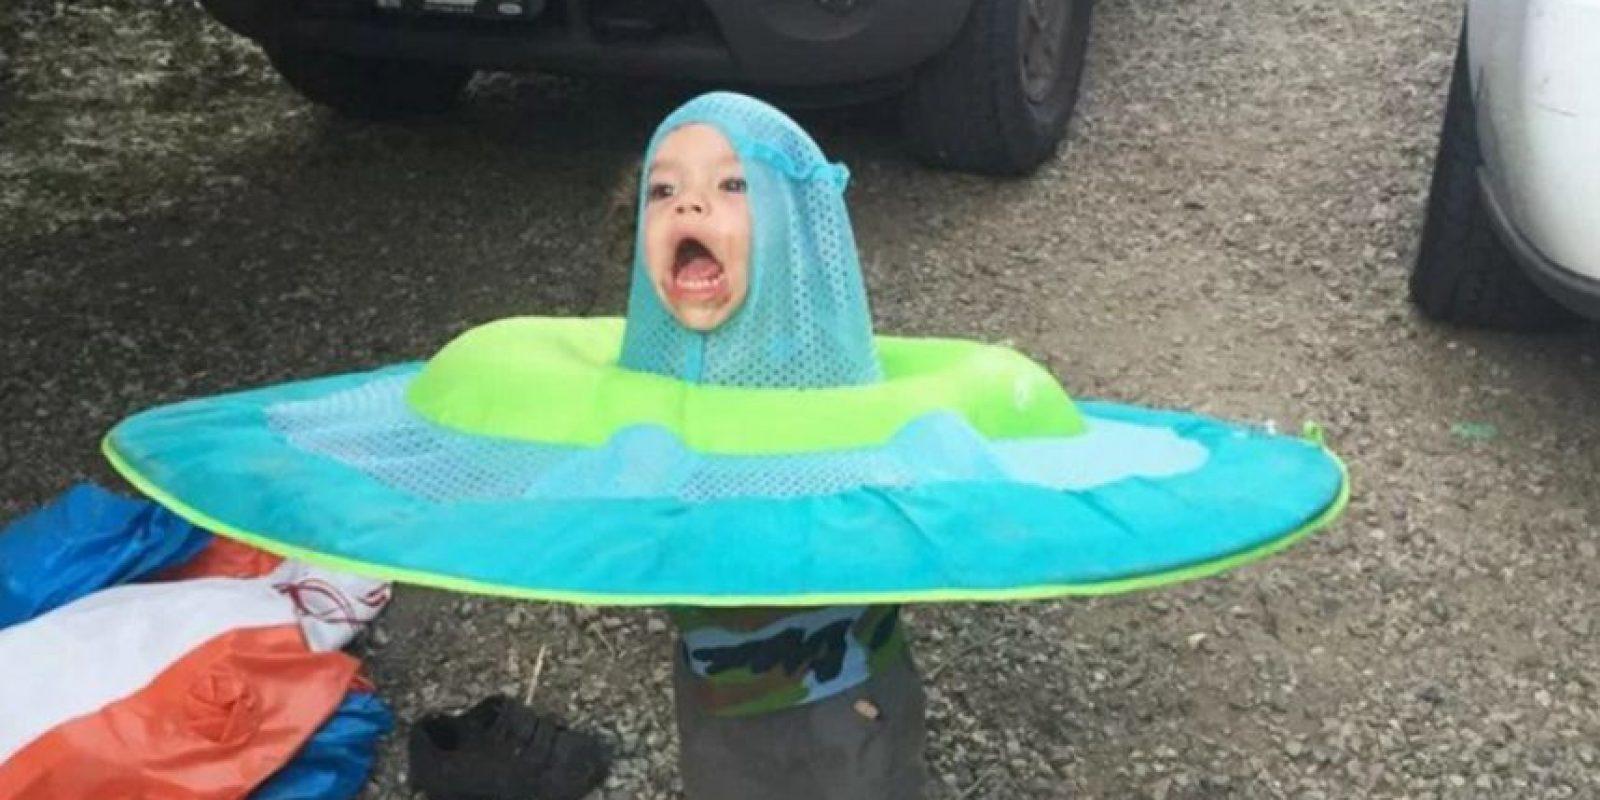 Este niño se volvió viral por lo gracioso de su gesto en esta foto. Foto:Reddit